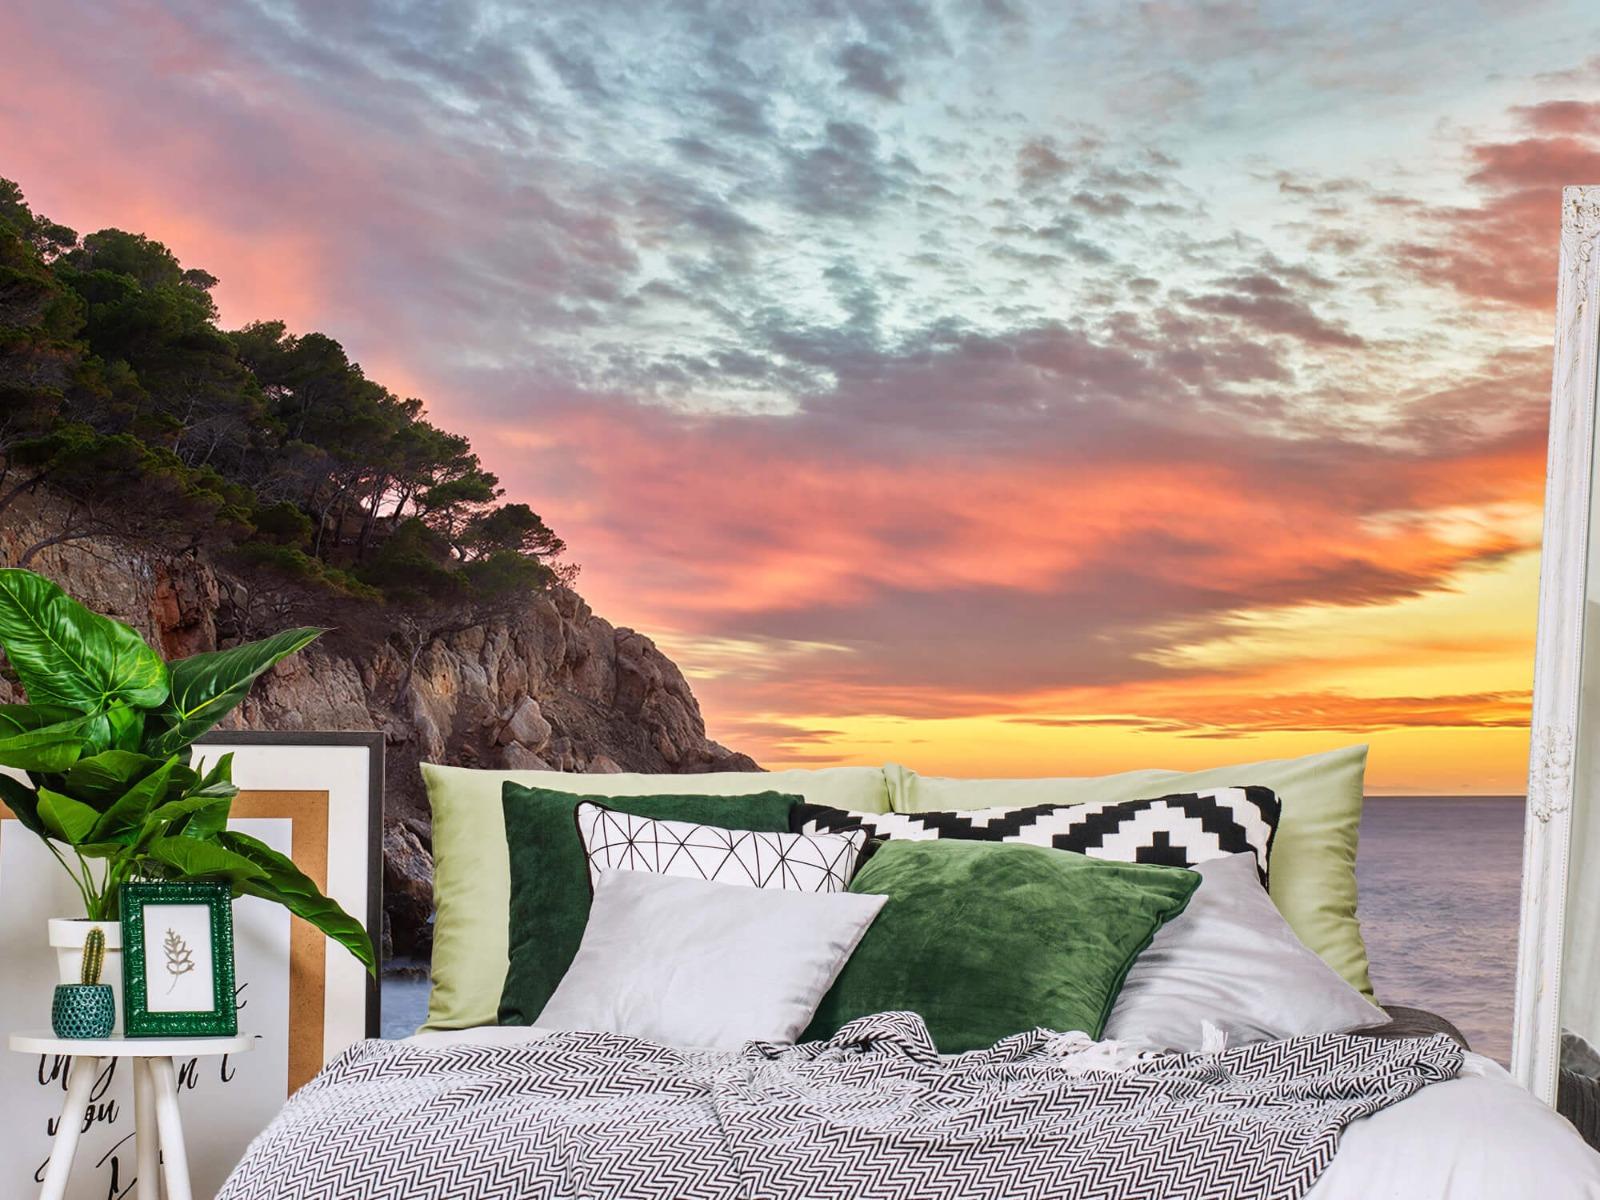 Zeeën en Oceanen - Kleurrijke zonsondergang - Slaapkamer 13